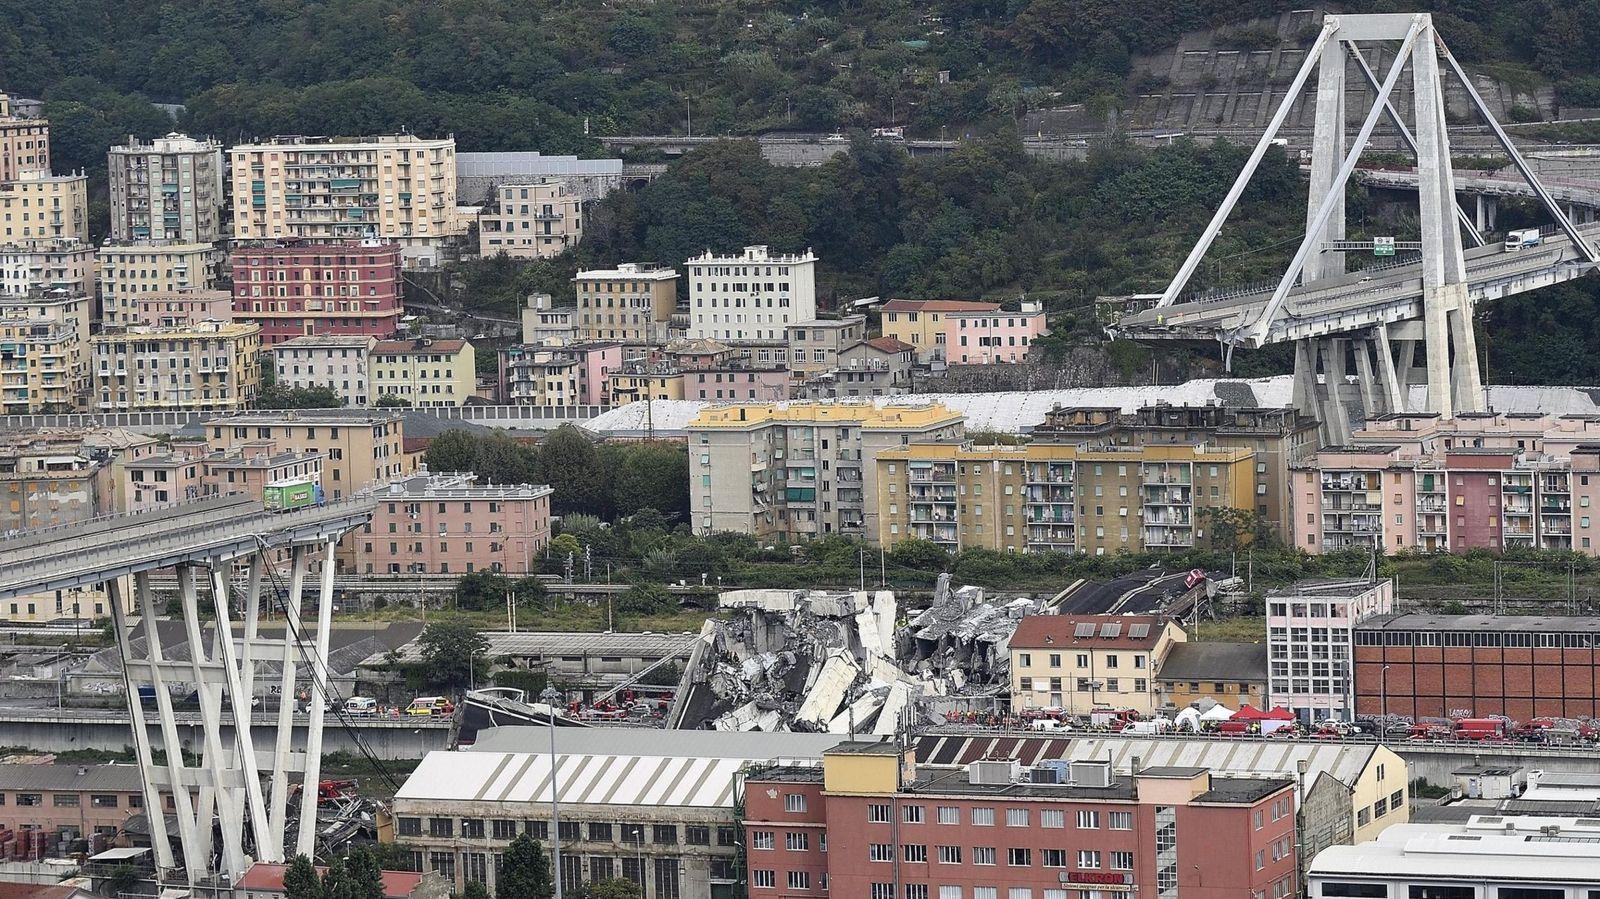 Foto: Estado en el que quedó el viaducto de Morandi, en Génova, tras el hundimiento del tramo central desde una altura de 90 metros. (EFE)